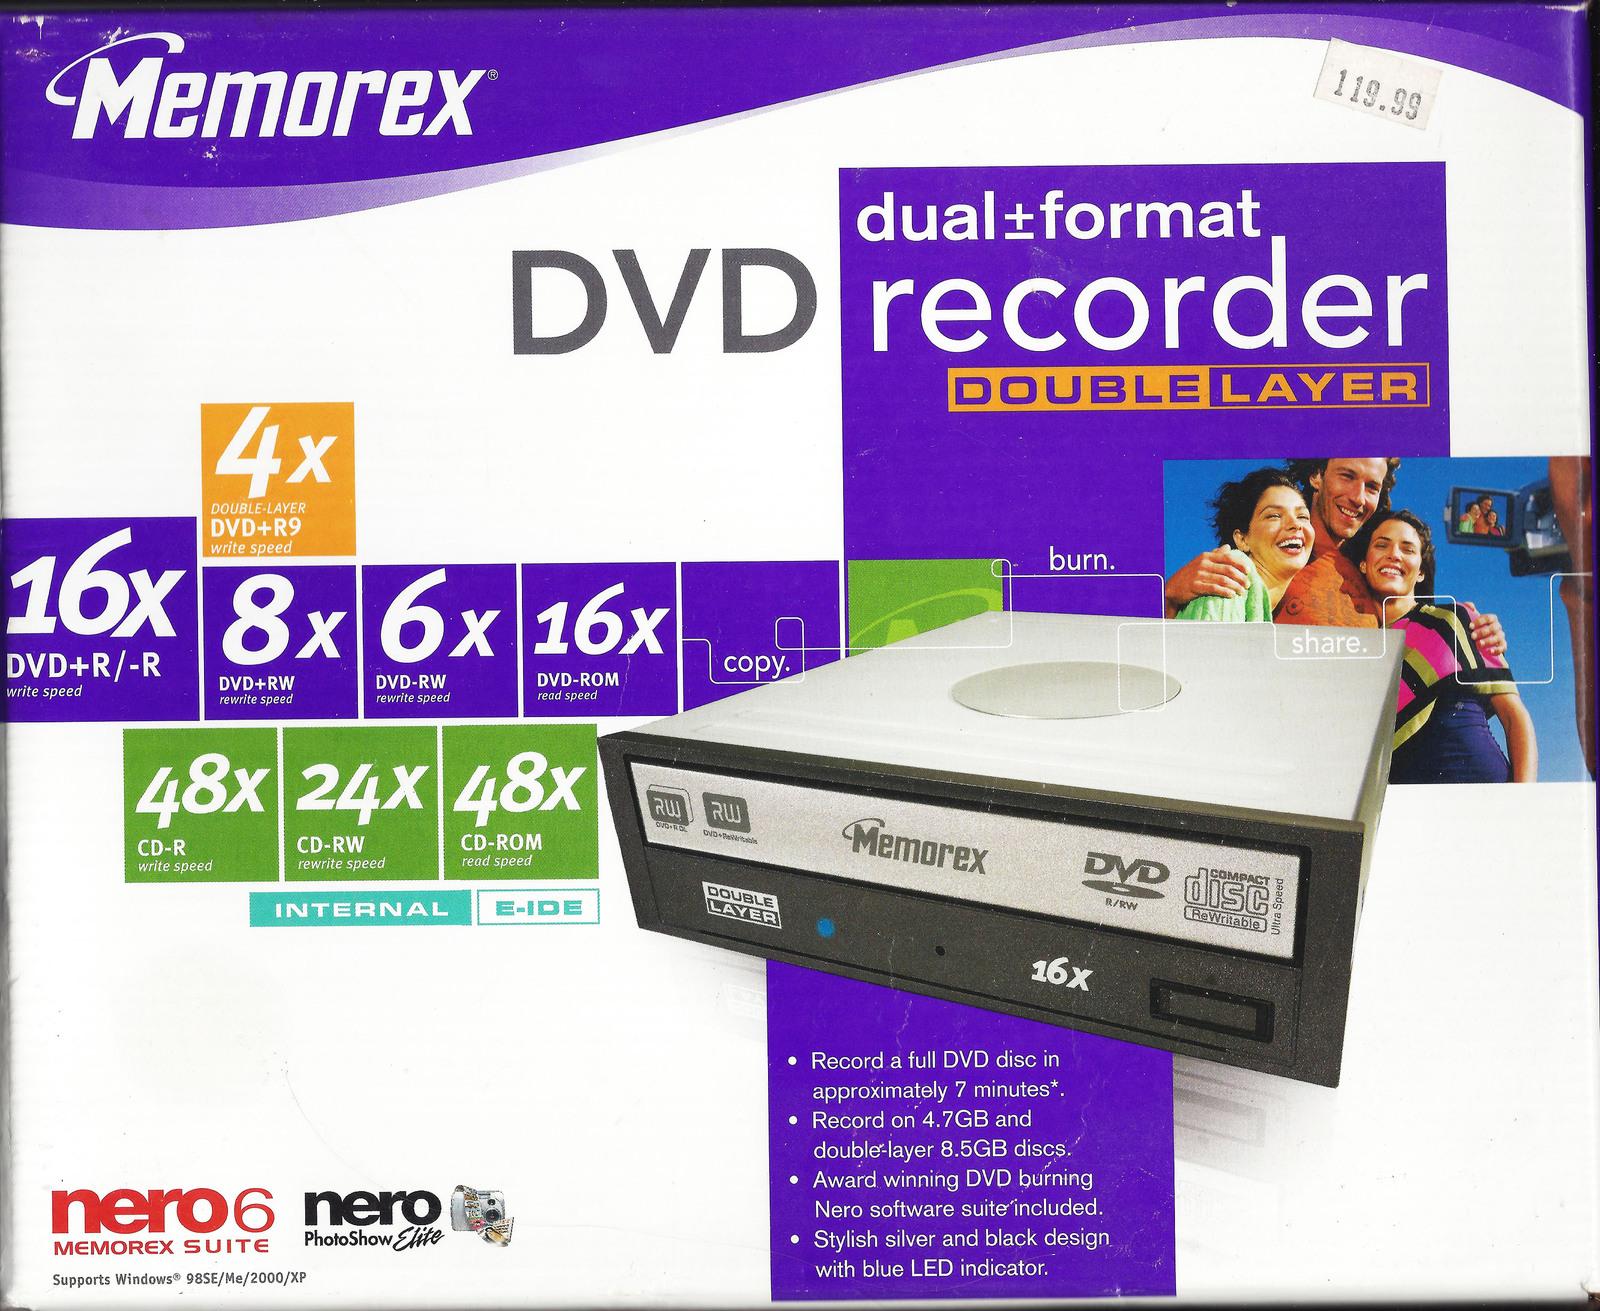 used memorex dvd recorder for sale 104 ads in us. Black Bedroom Furniture Sets. Home Design Ideas